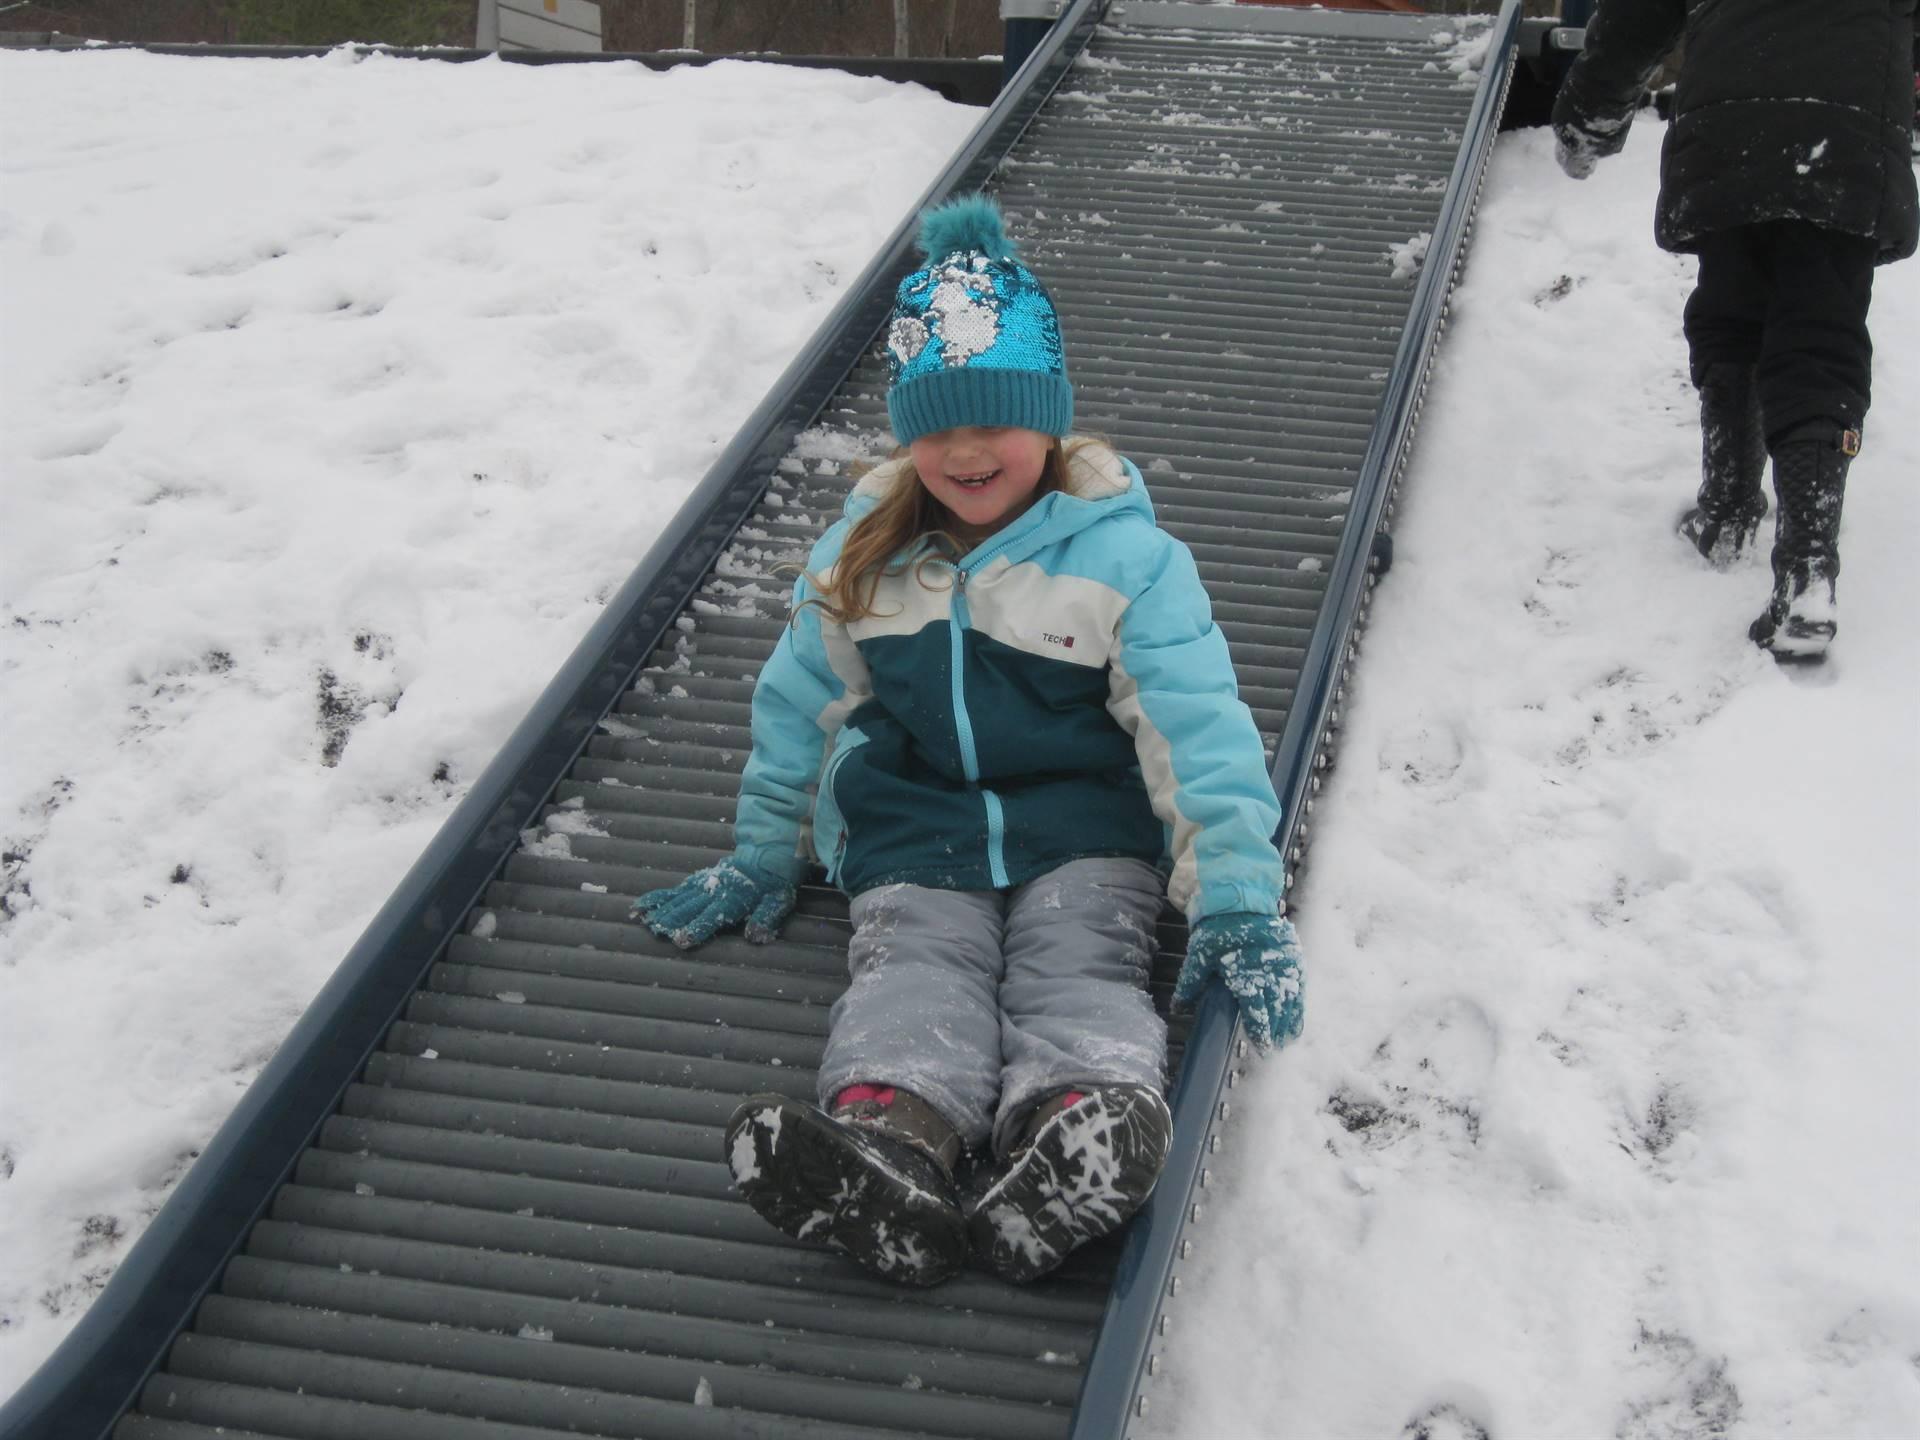 A student sliding down slide.